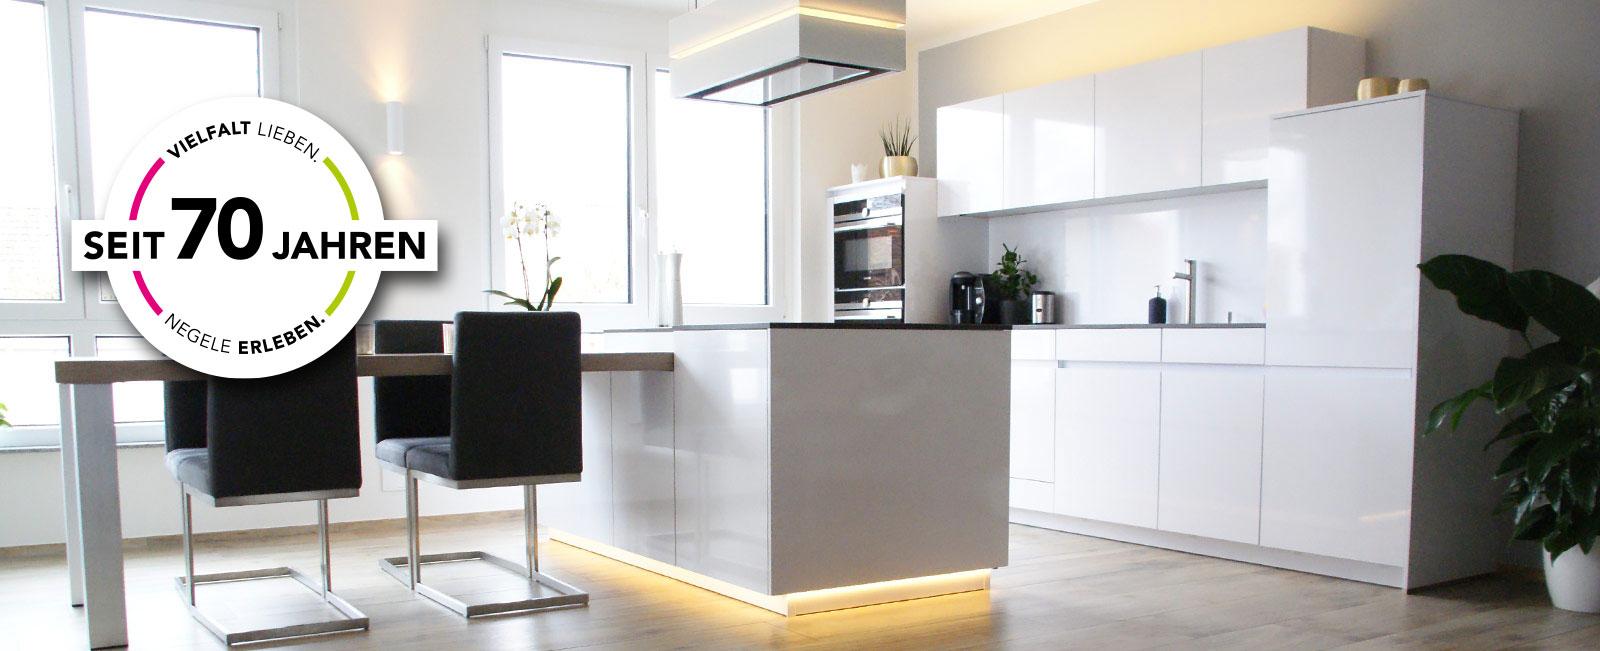 Full Size of Aufsatzschrank Küche Badunterschrank U Form Mit Theke Ohne Elektrogeräte Einbauküche Kaufen Modulare Gebraucht Aufbewahrungsbehälter Tapeten Für Wohnzimmer Aufsatzschrank Küche